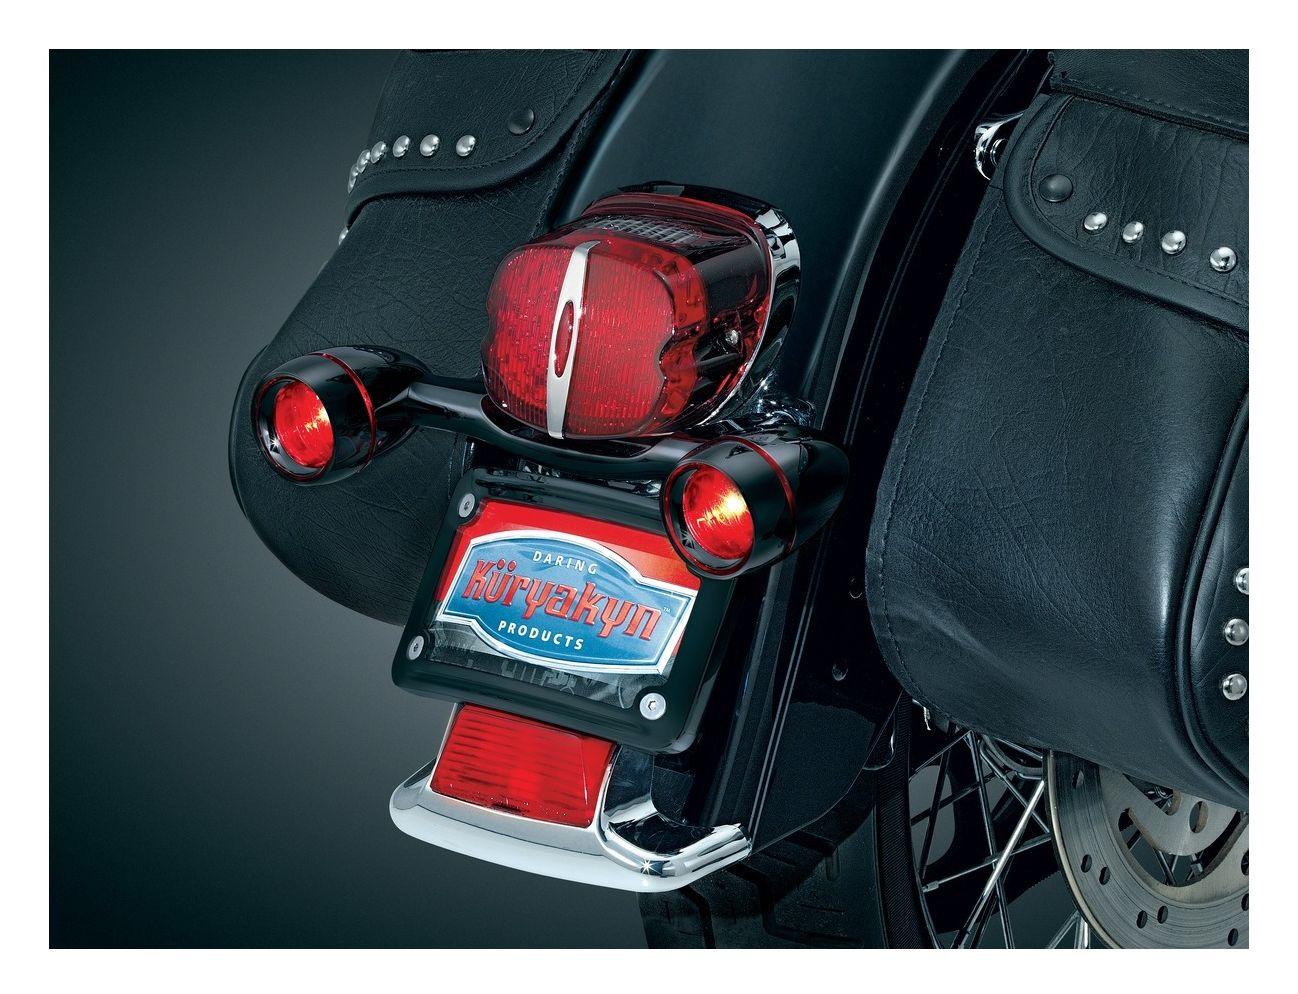 Kuryakyn Bullet Rear Turn Signal Bar Kit For Harley 1986